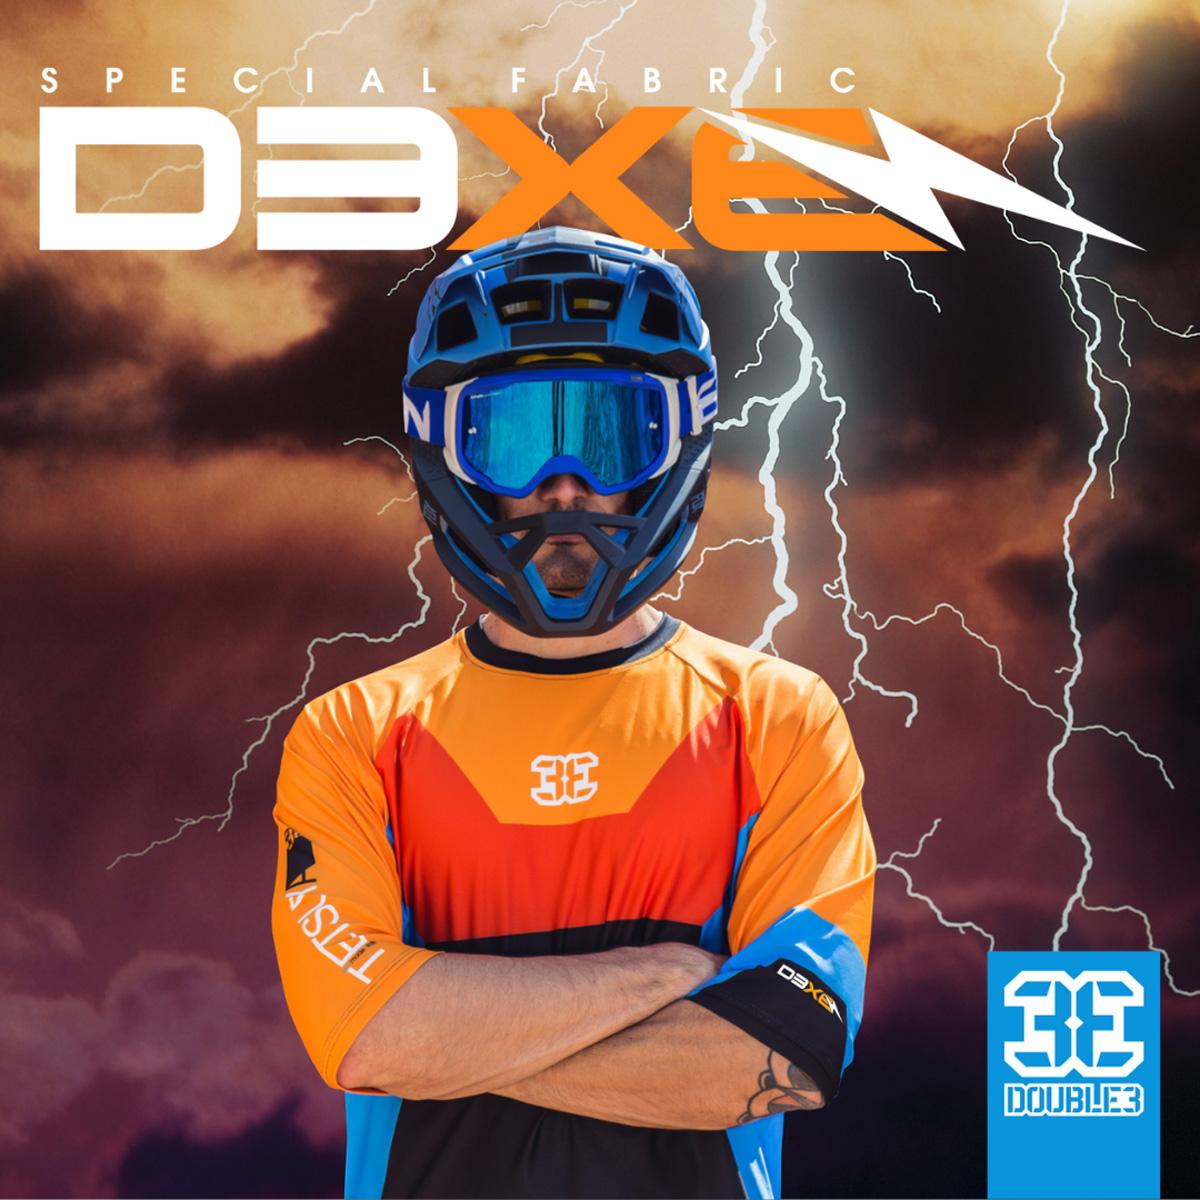 Immagine promozionale per abbigliamento D3xE di Double3